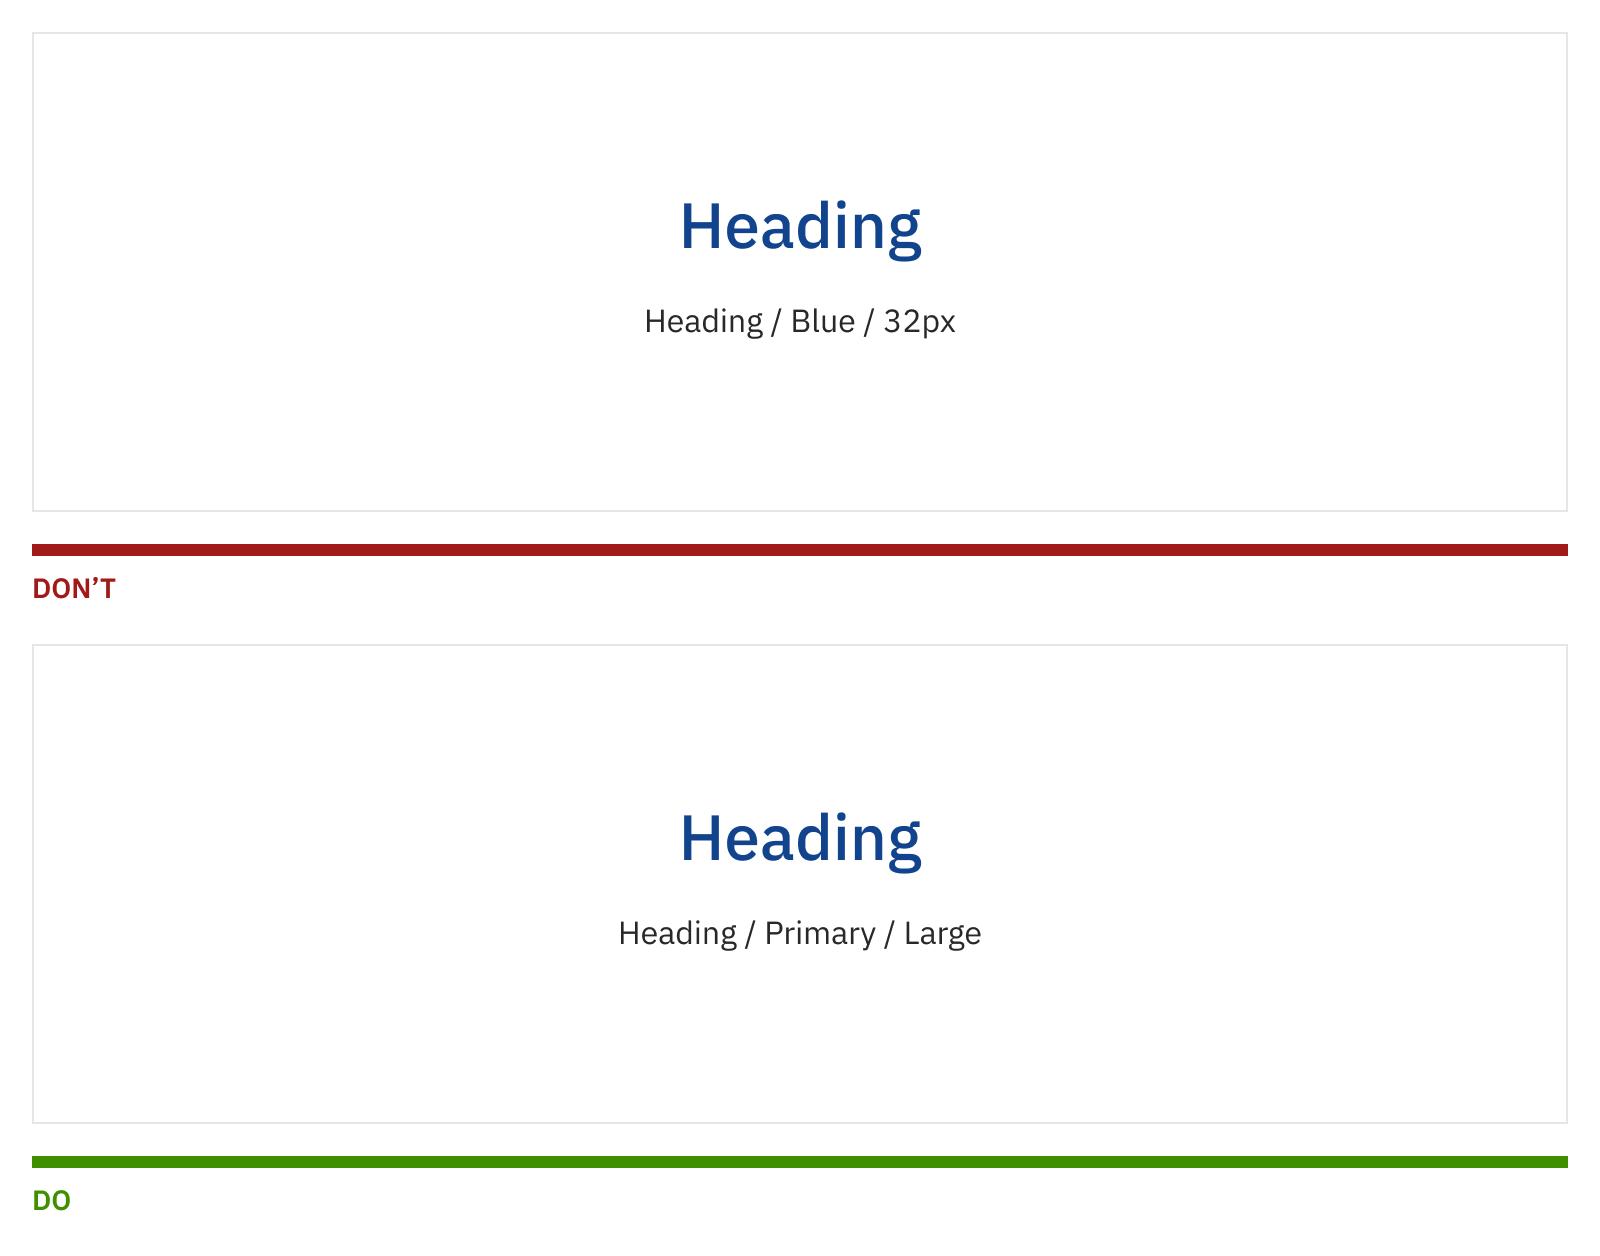 两种不同的标题命名方式,展示好的和坏的做法